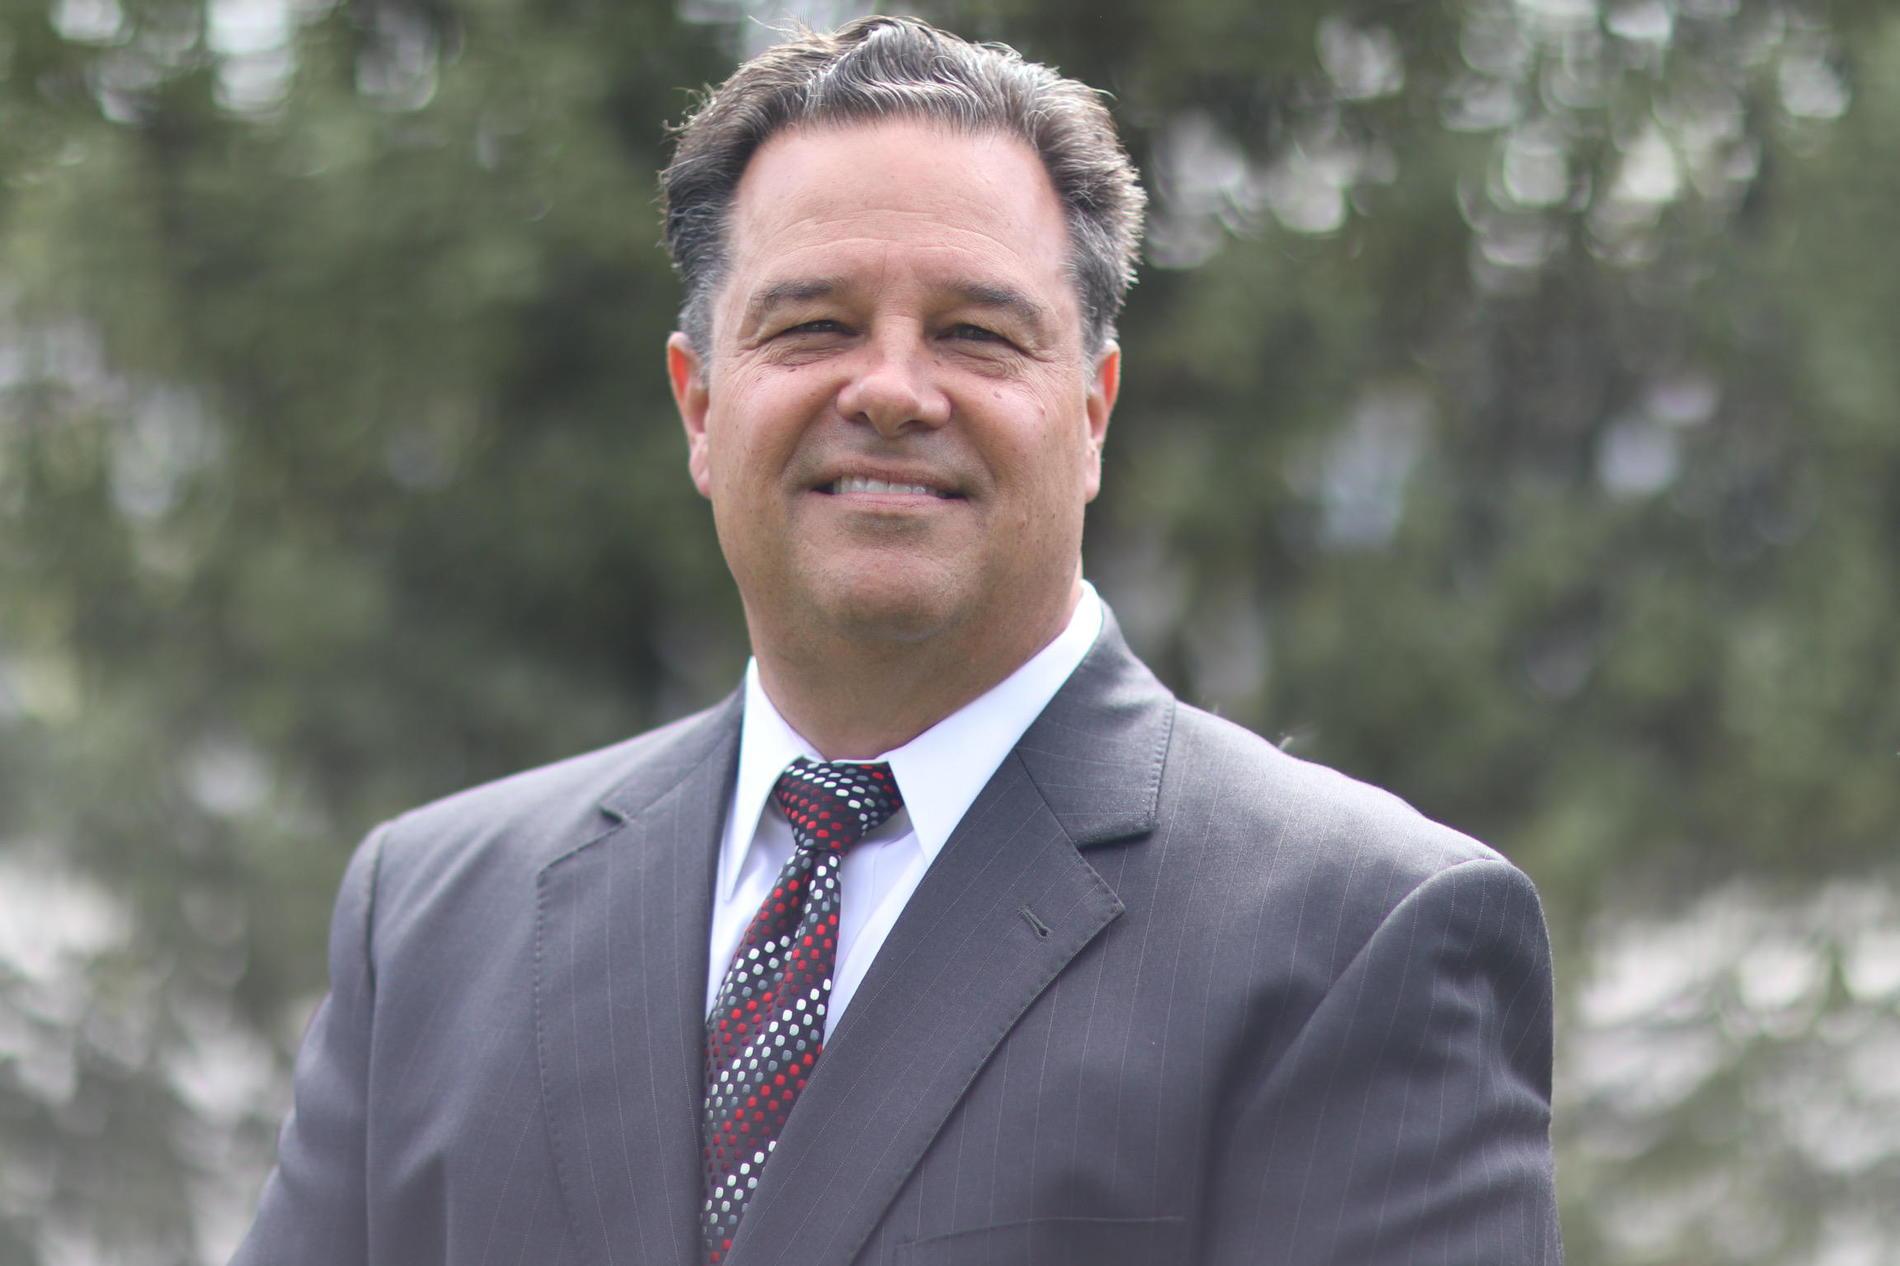 Joseph Adamo | Rancho Santa Fe, CA | Morgan Stanley Wealth Management